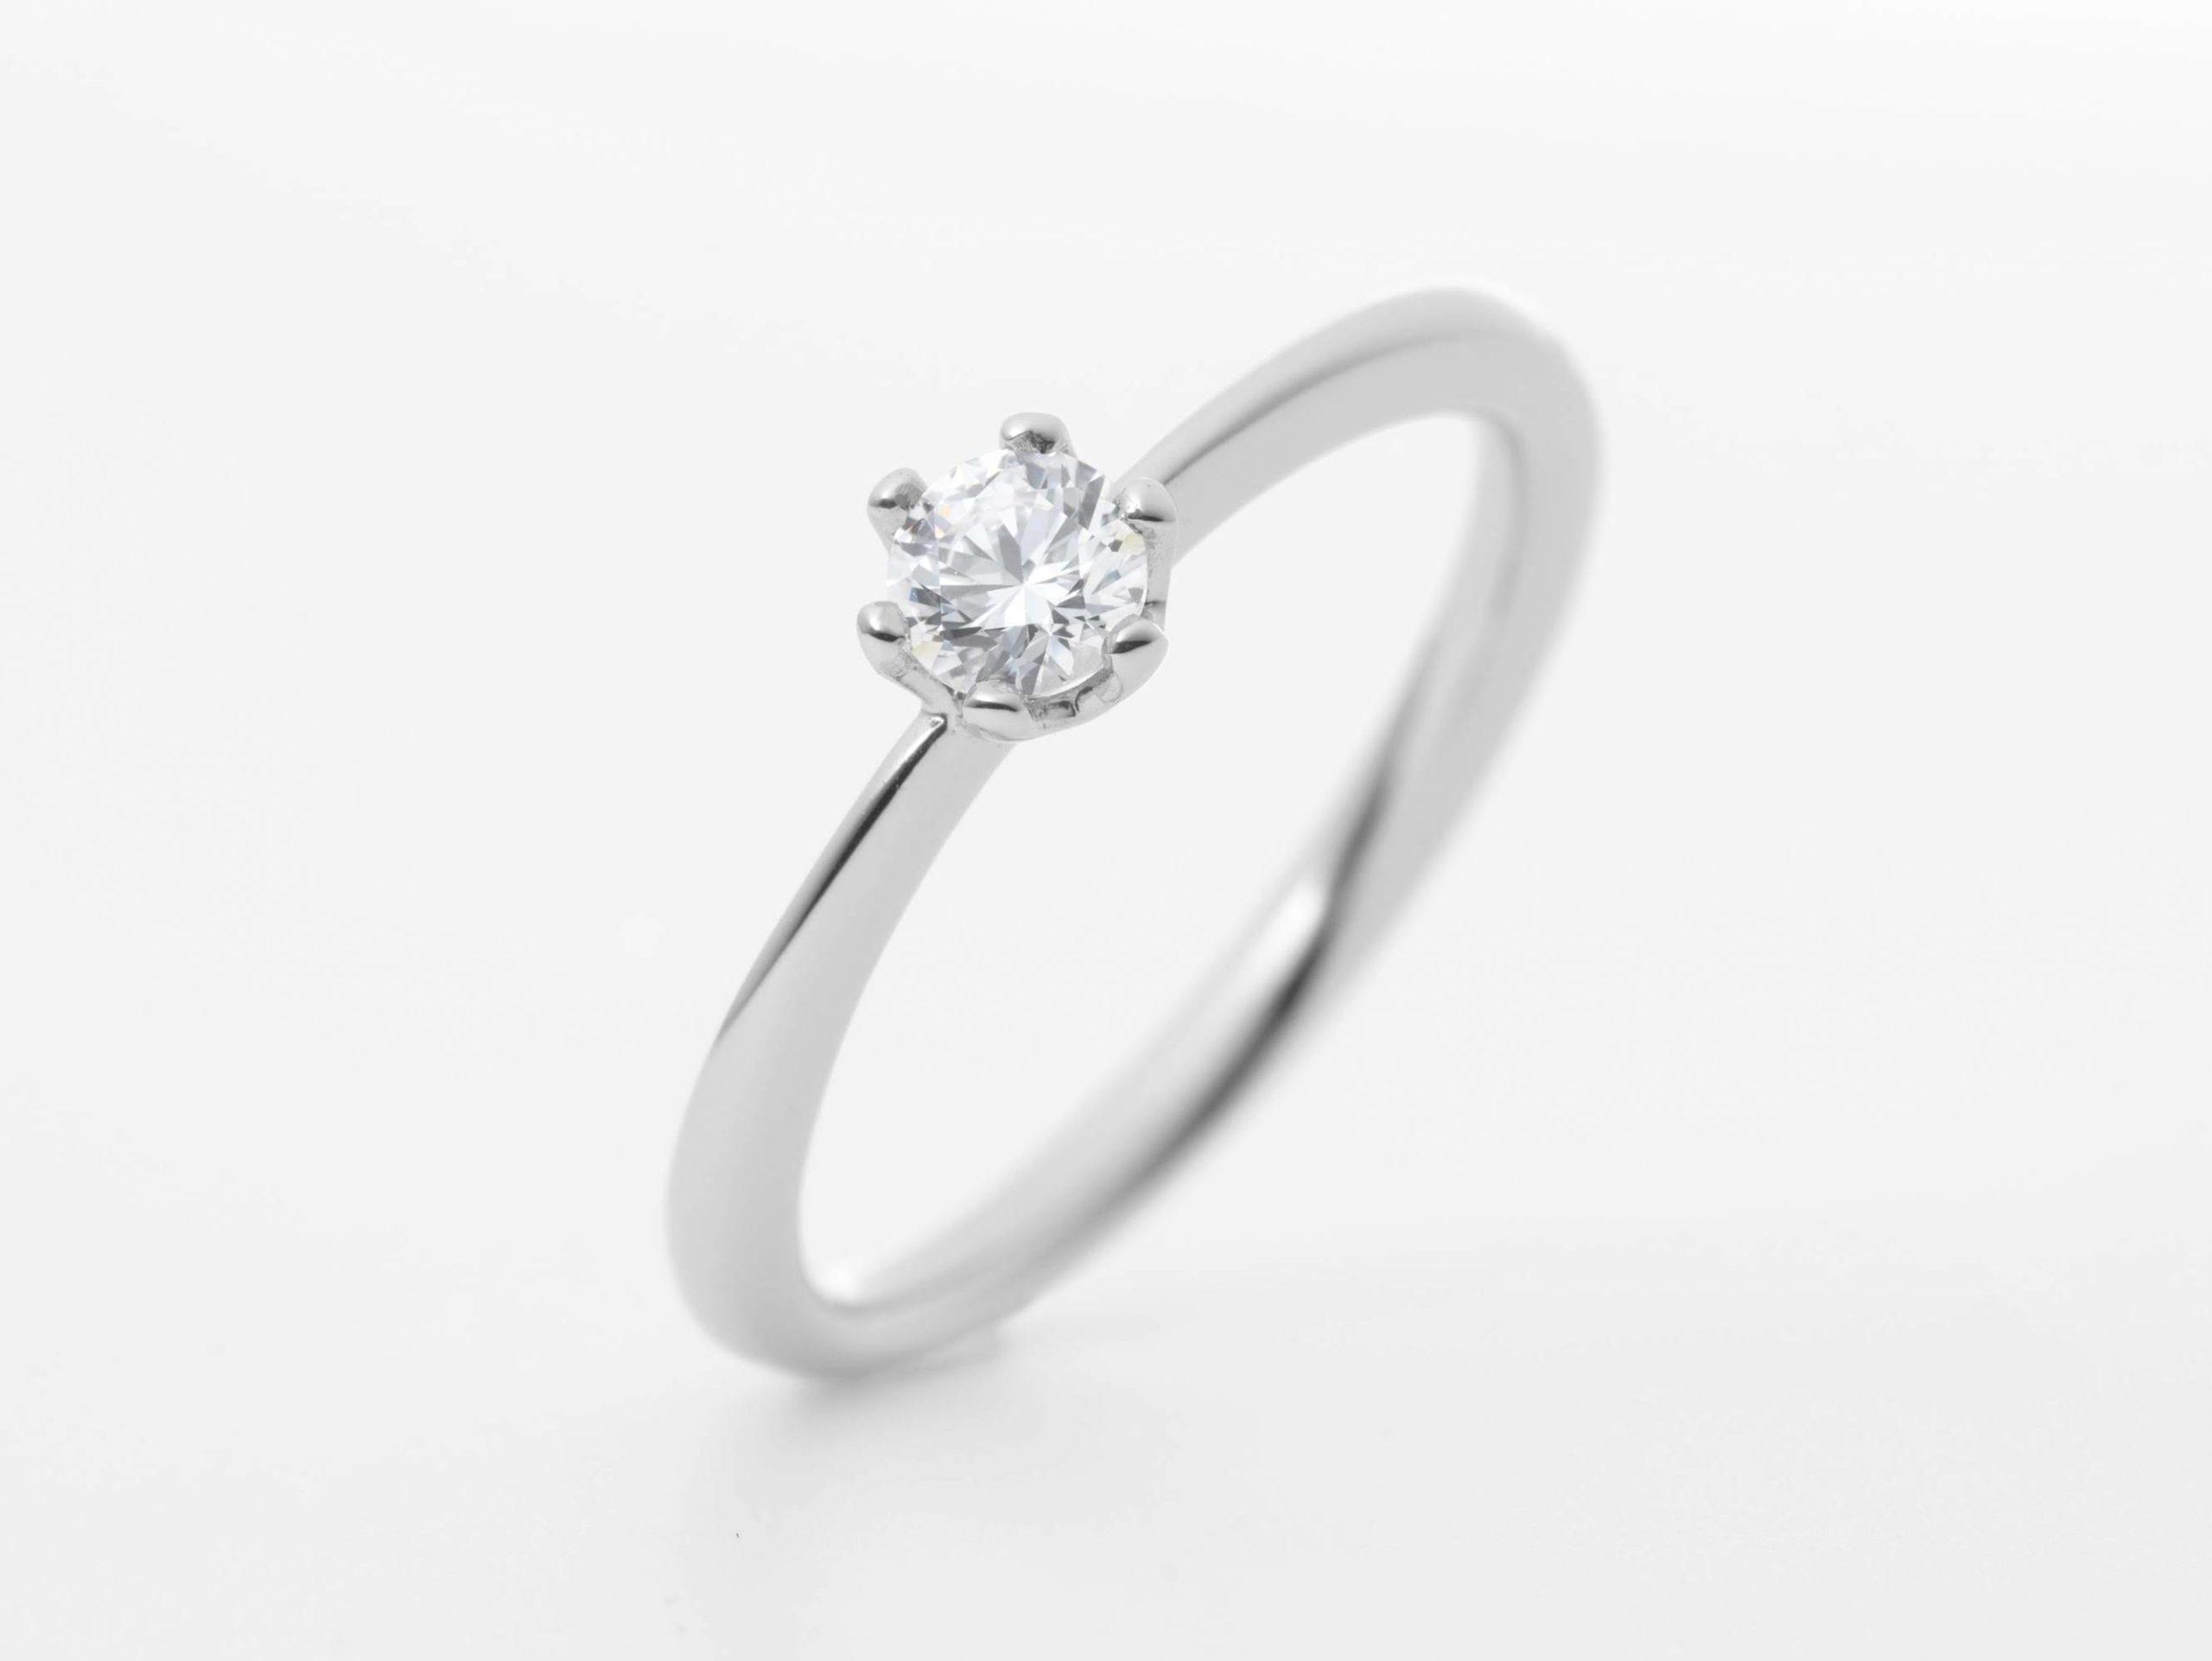 婚約指輪の平均購入価格について...